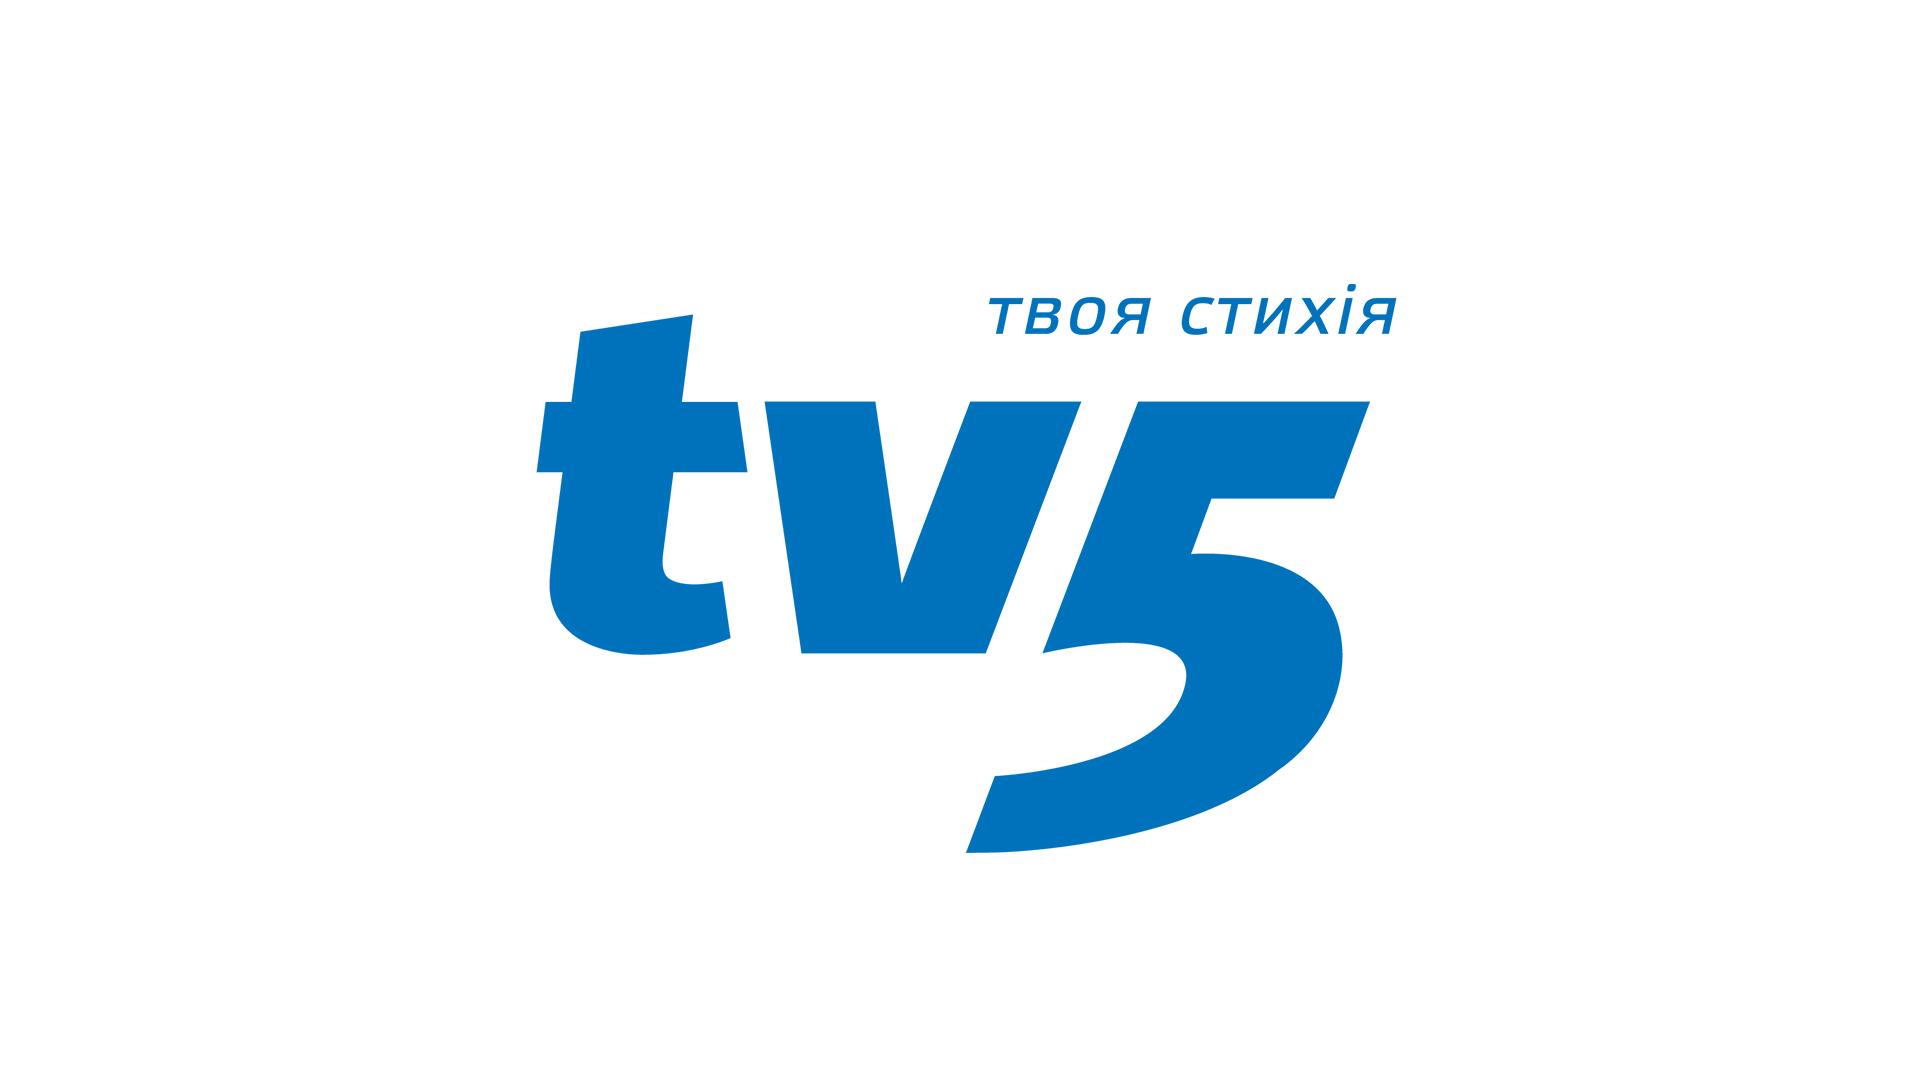 Телеканал «TV5» з 15 листопада розпочинає супутникове мовлення